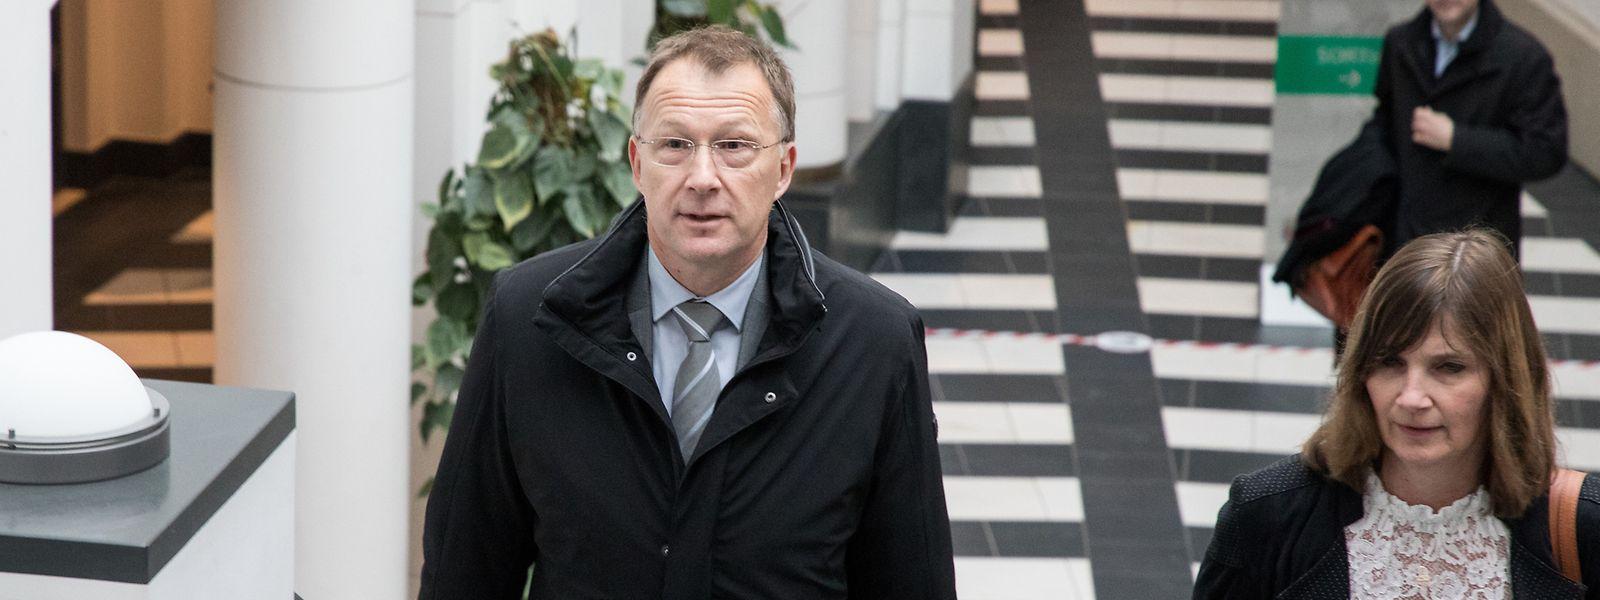 Der ehemalige Chef des Geheimdienstes, Marco Mille, ist einer der drei Angeklagten, die sich im SREL-Prozess verantworten müssen.